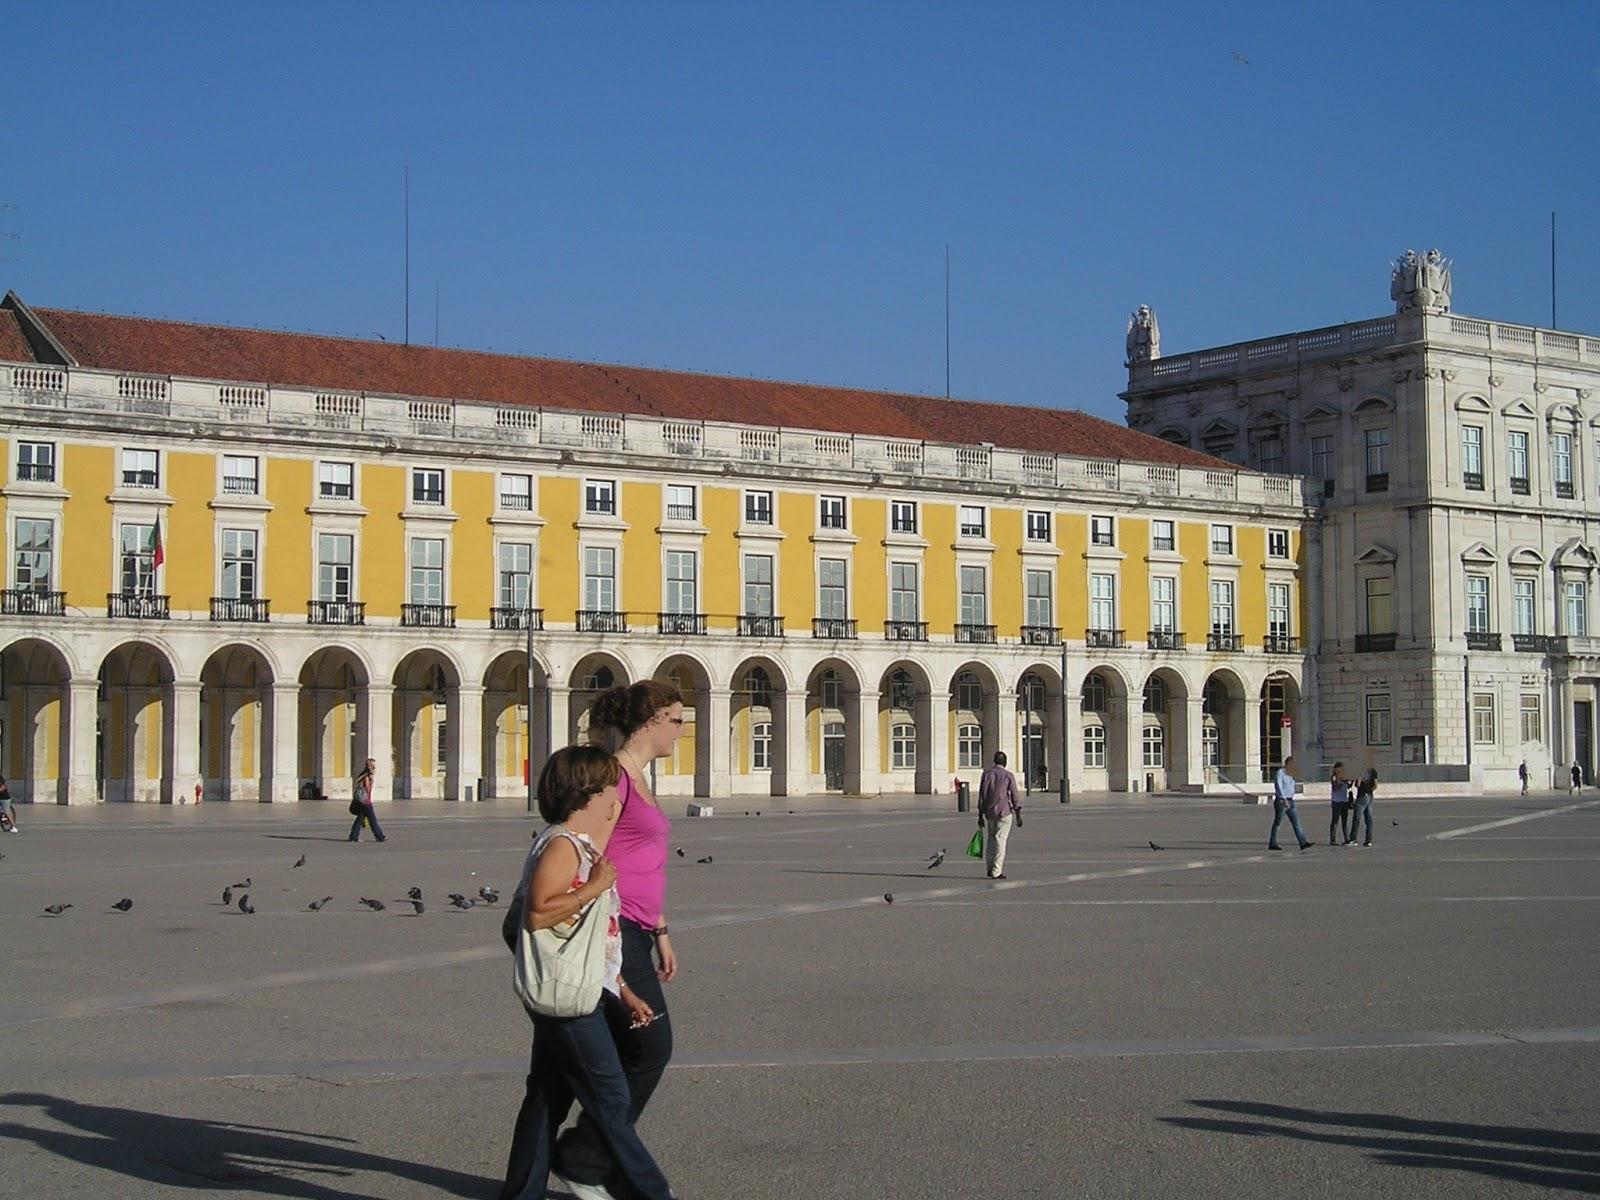 ... Grand Sculpteur Portugais, Sculpteur Officiel De La Maison Royale, Qui  A été Choisi Pour Construire La Statue Équestre Du Roi Joseph 1er. Du  Portugal.